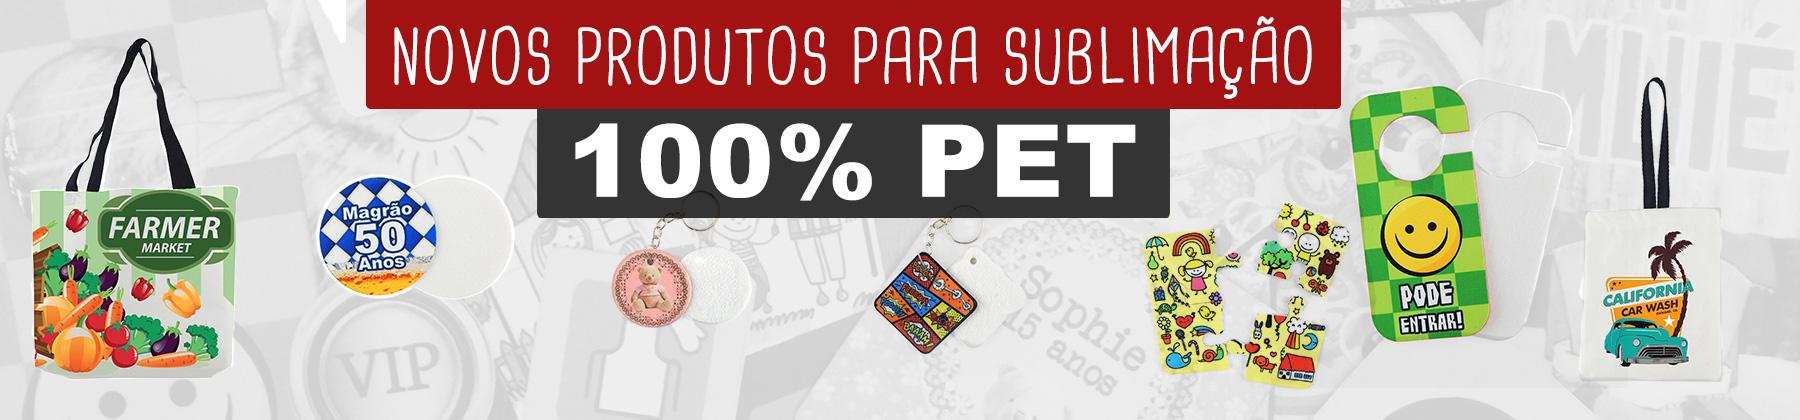 PET 100%